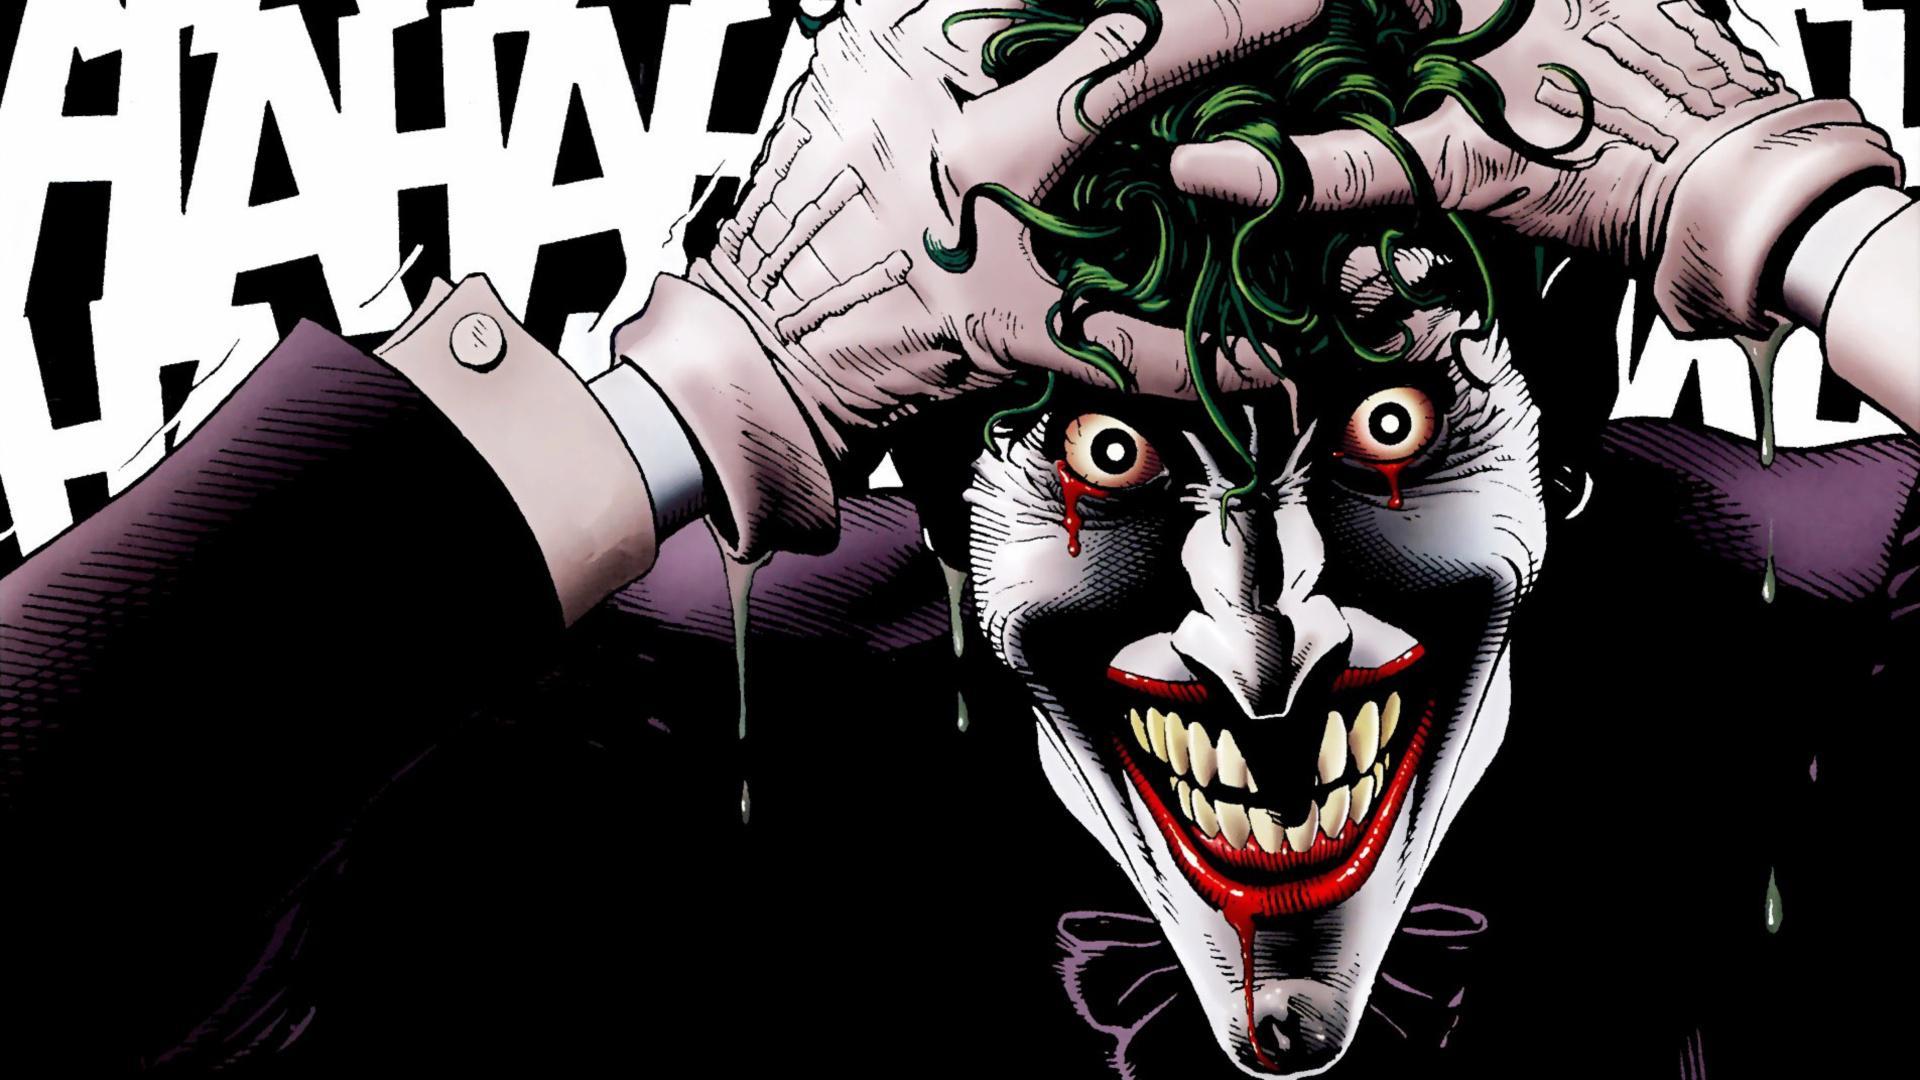 Memperingati hari ulang tahun Joker, sutradara Suicide Squad, David Ayer memamerkan foto Jared Leto sebagai sang penjahat.